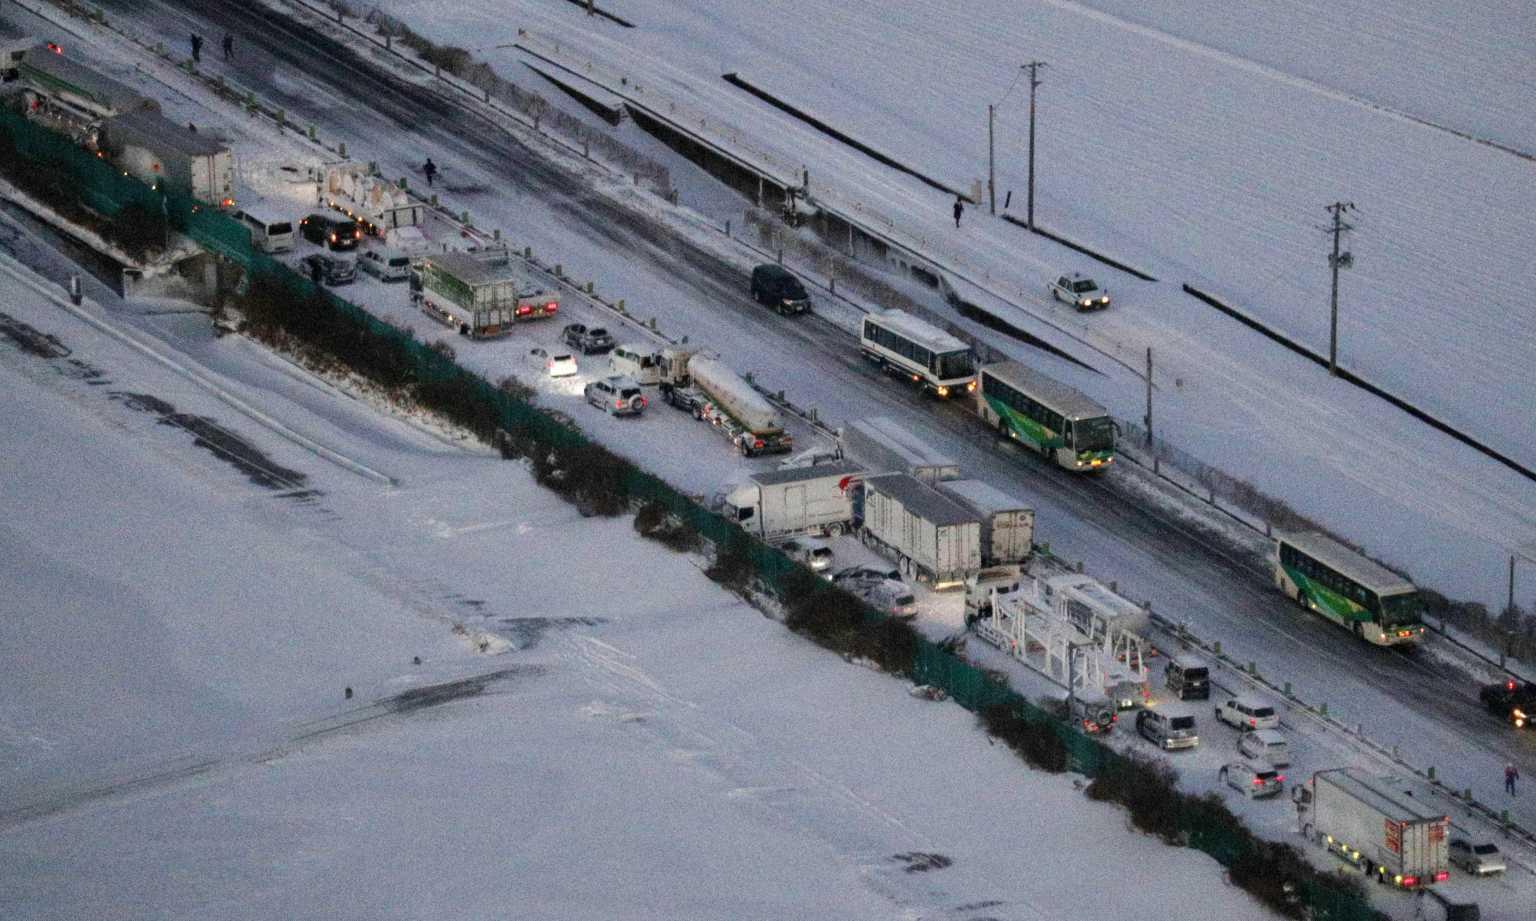 Ιαπωνία: Χιονοθύελλα προκάλεσε καραμπόλα 130 αυτοκινήτων